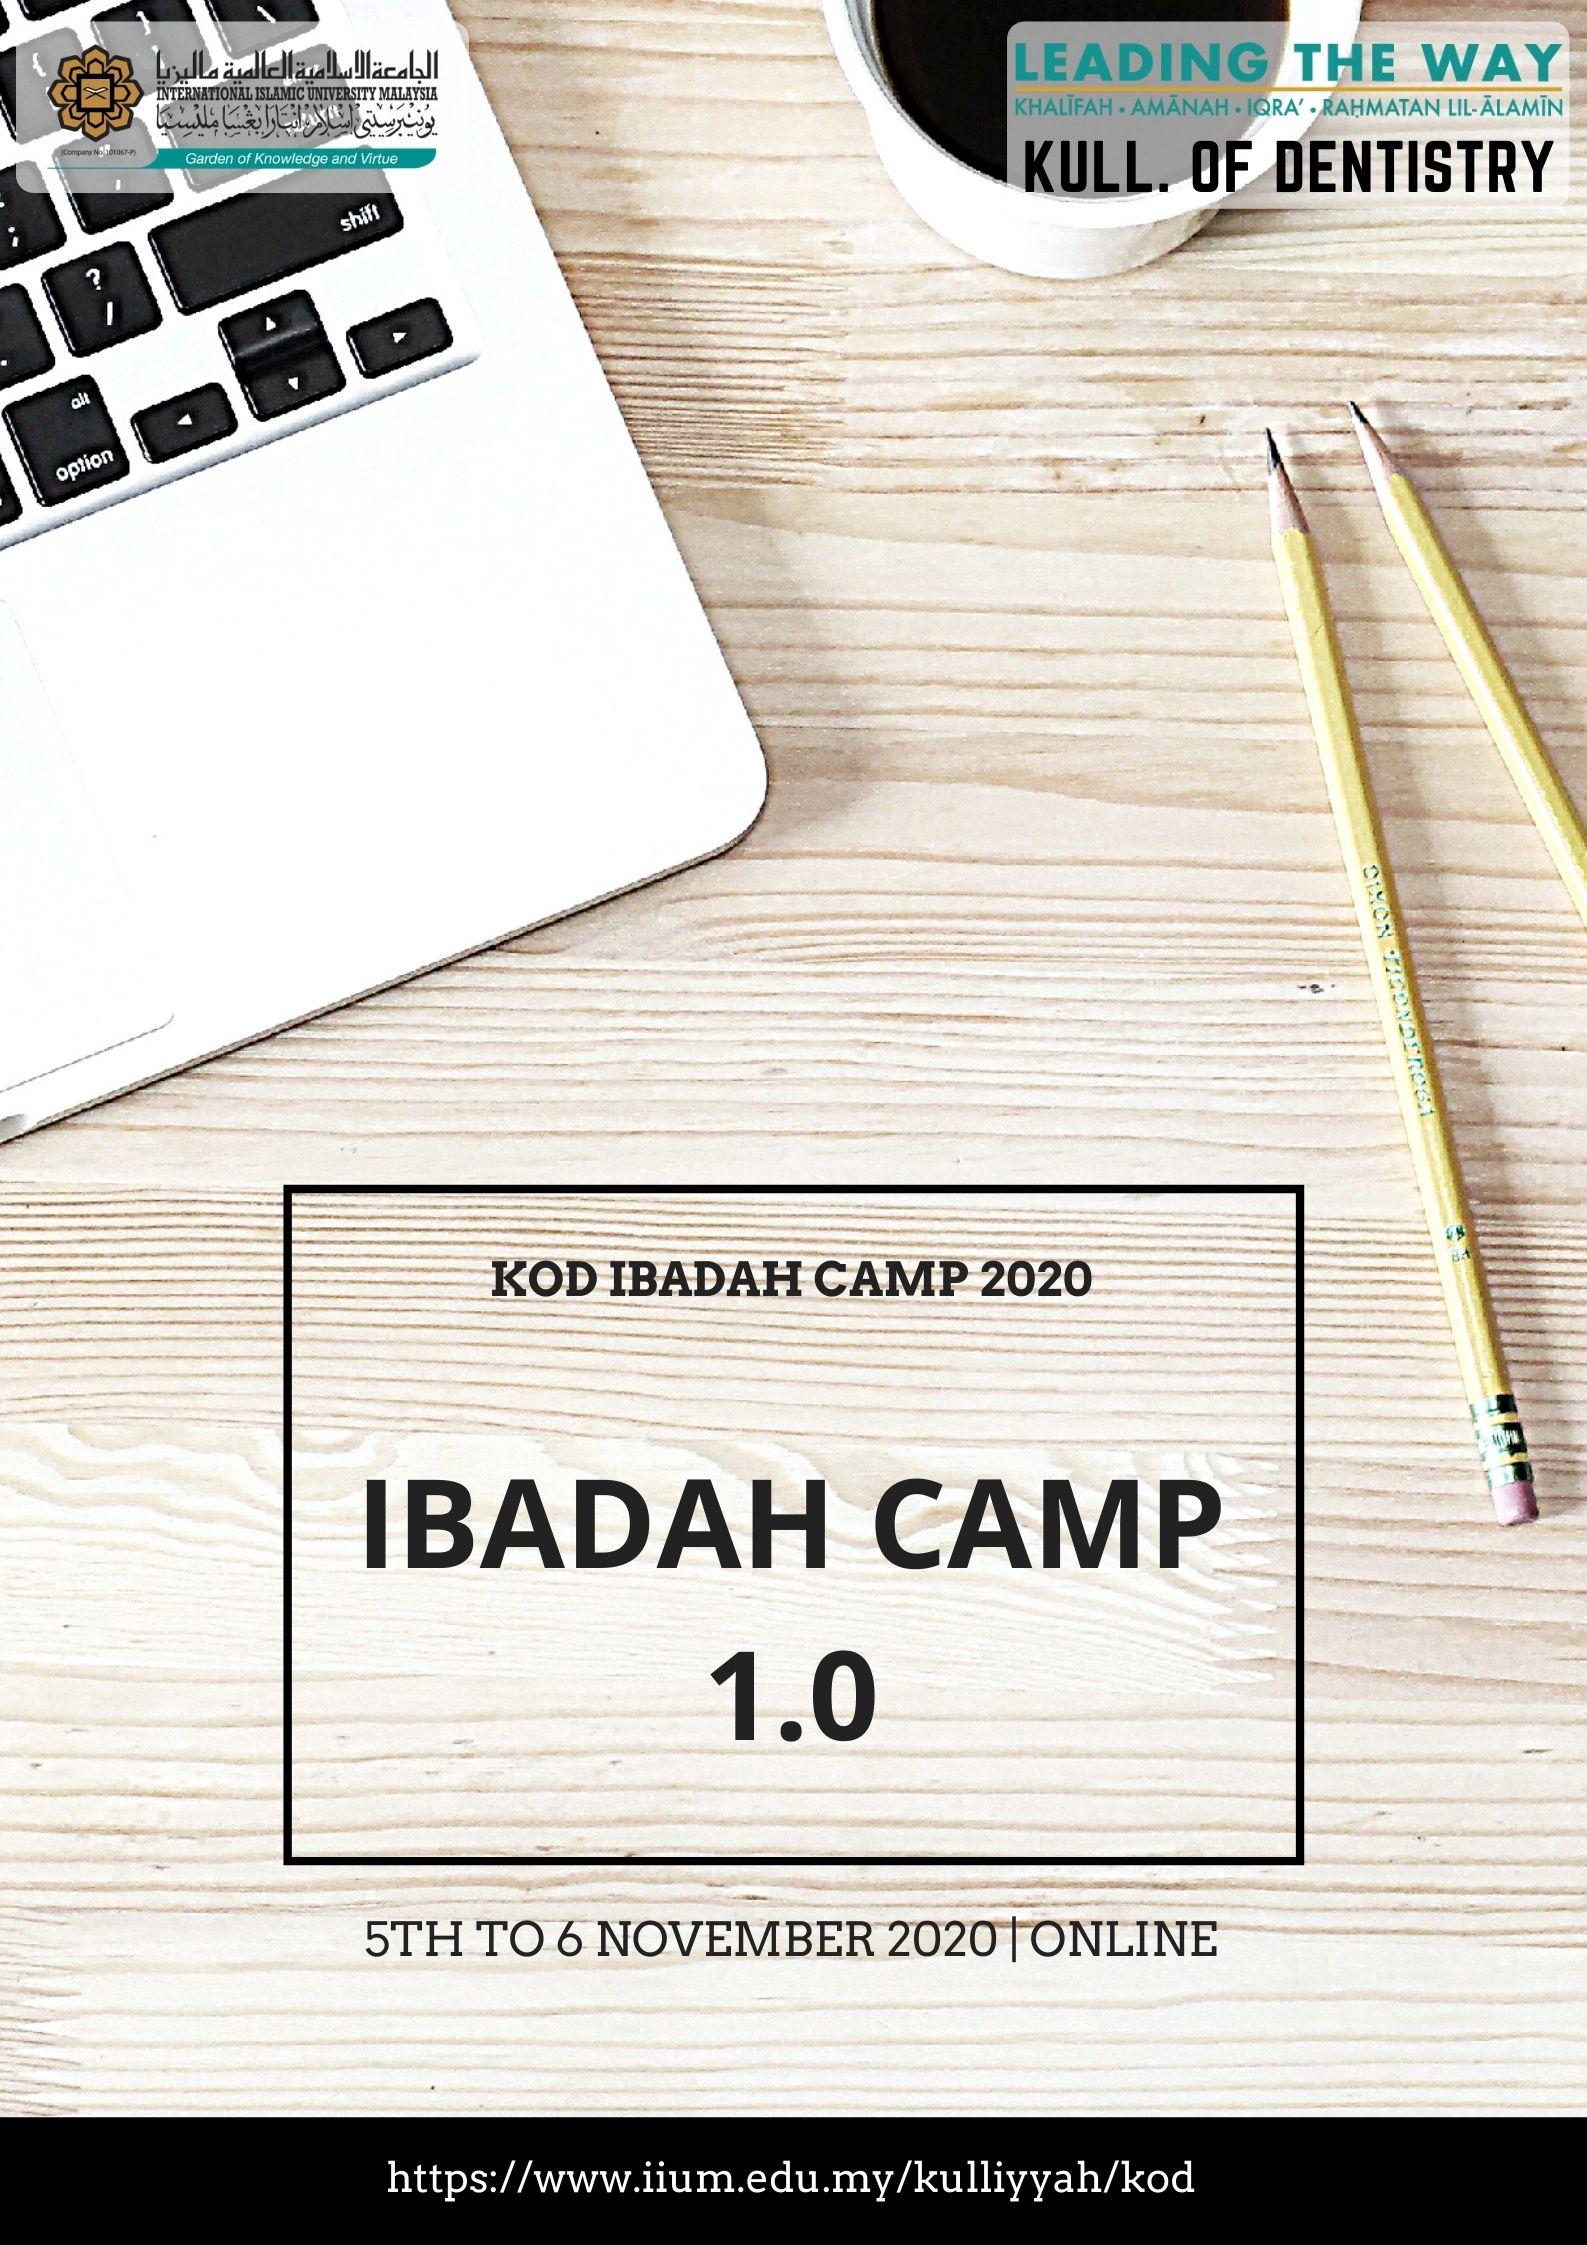 KOD Ibadah Camp 2020